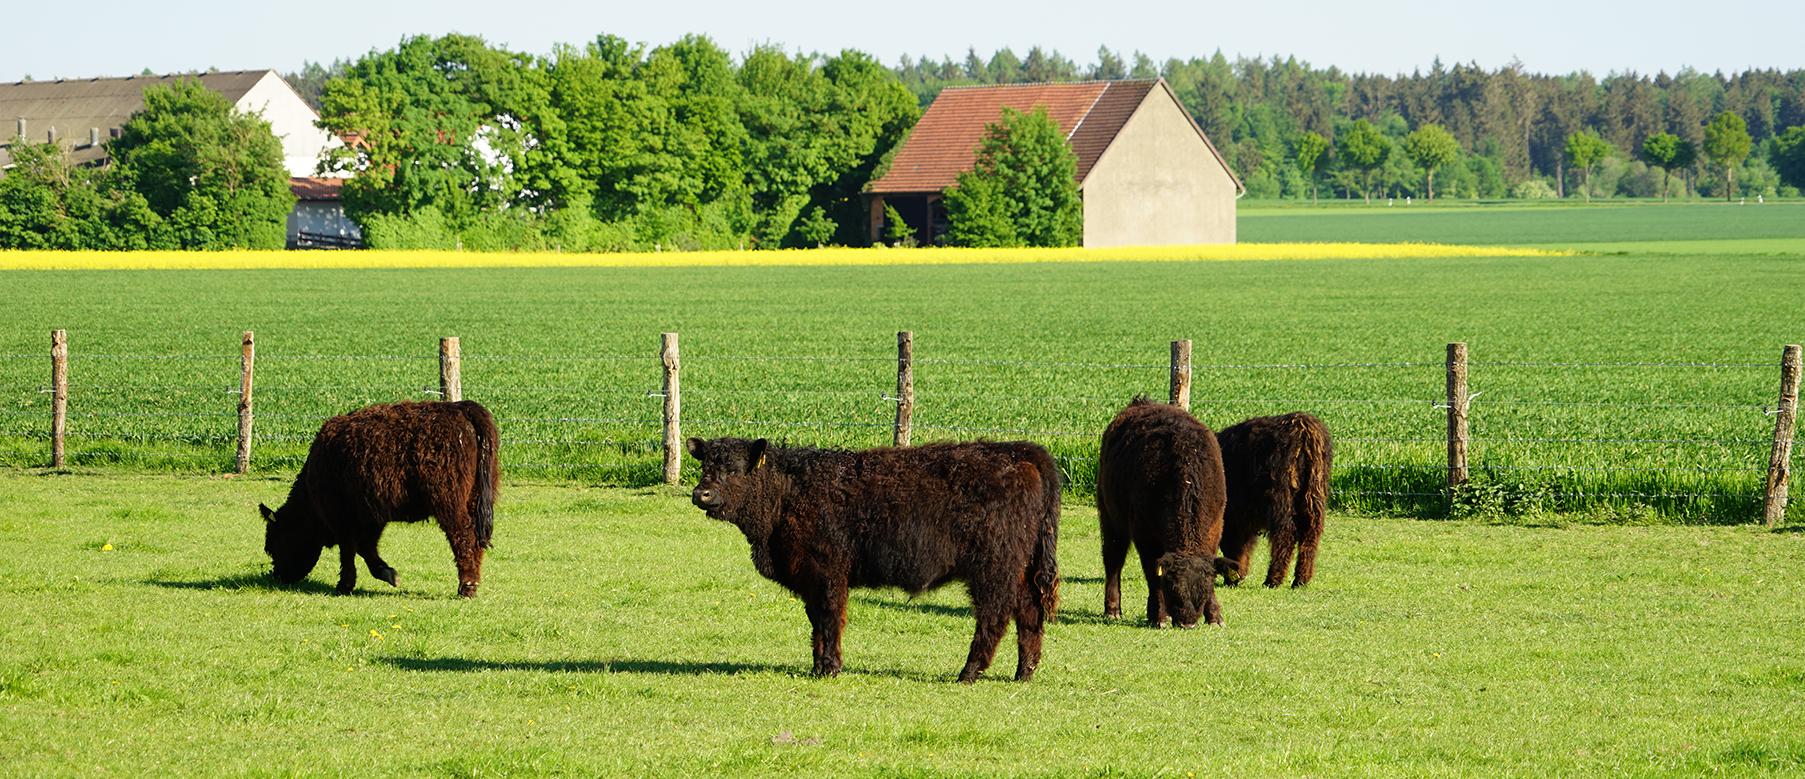 Galloways auf der Weide